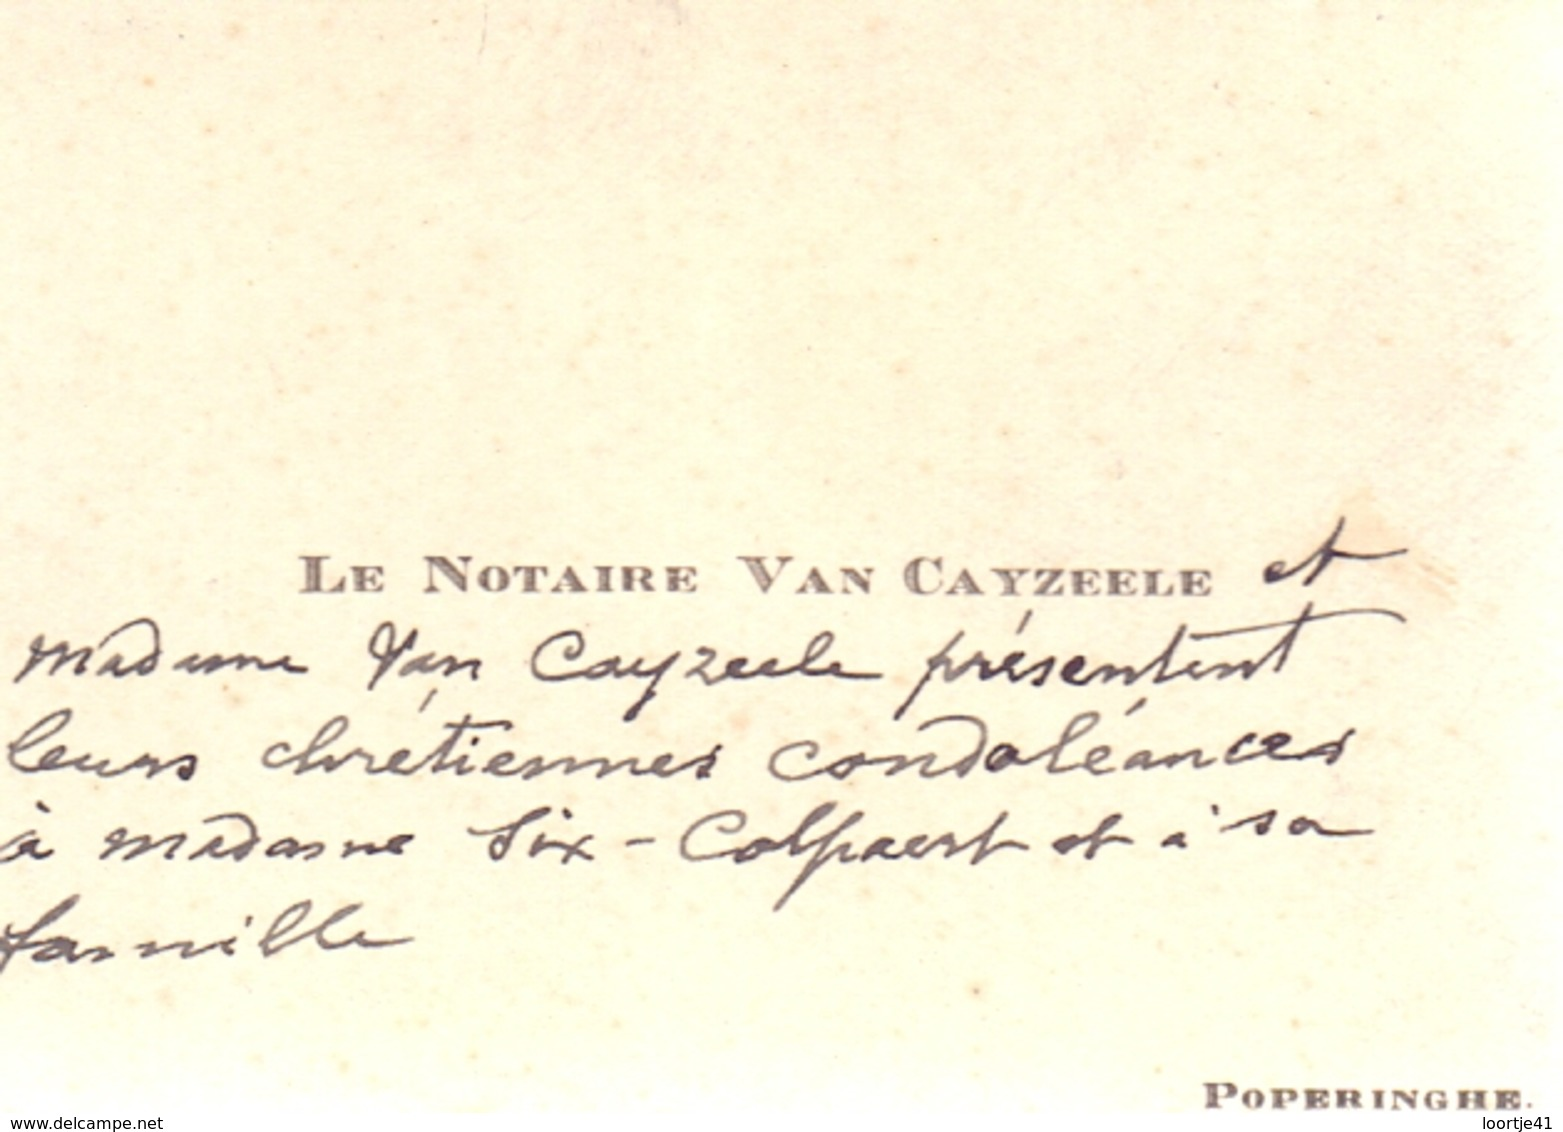 Visitekaartje - Carte Visite - Notaris - Notaire Van Cayzeele - Poperinge - Cartes De Visite